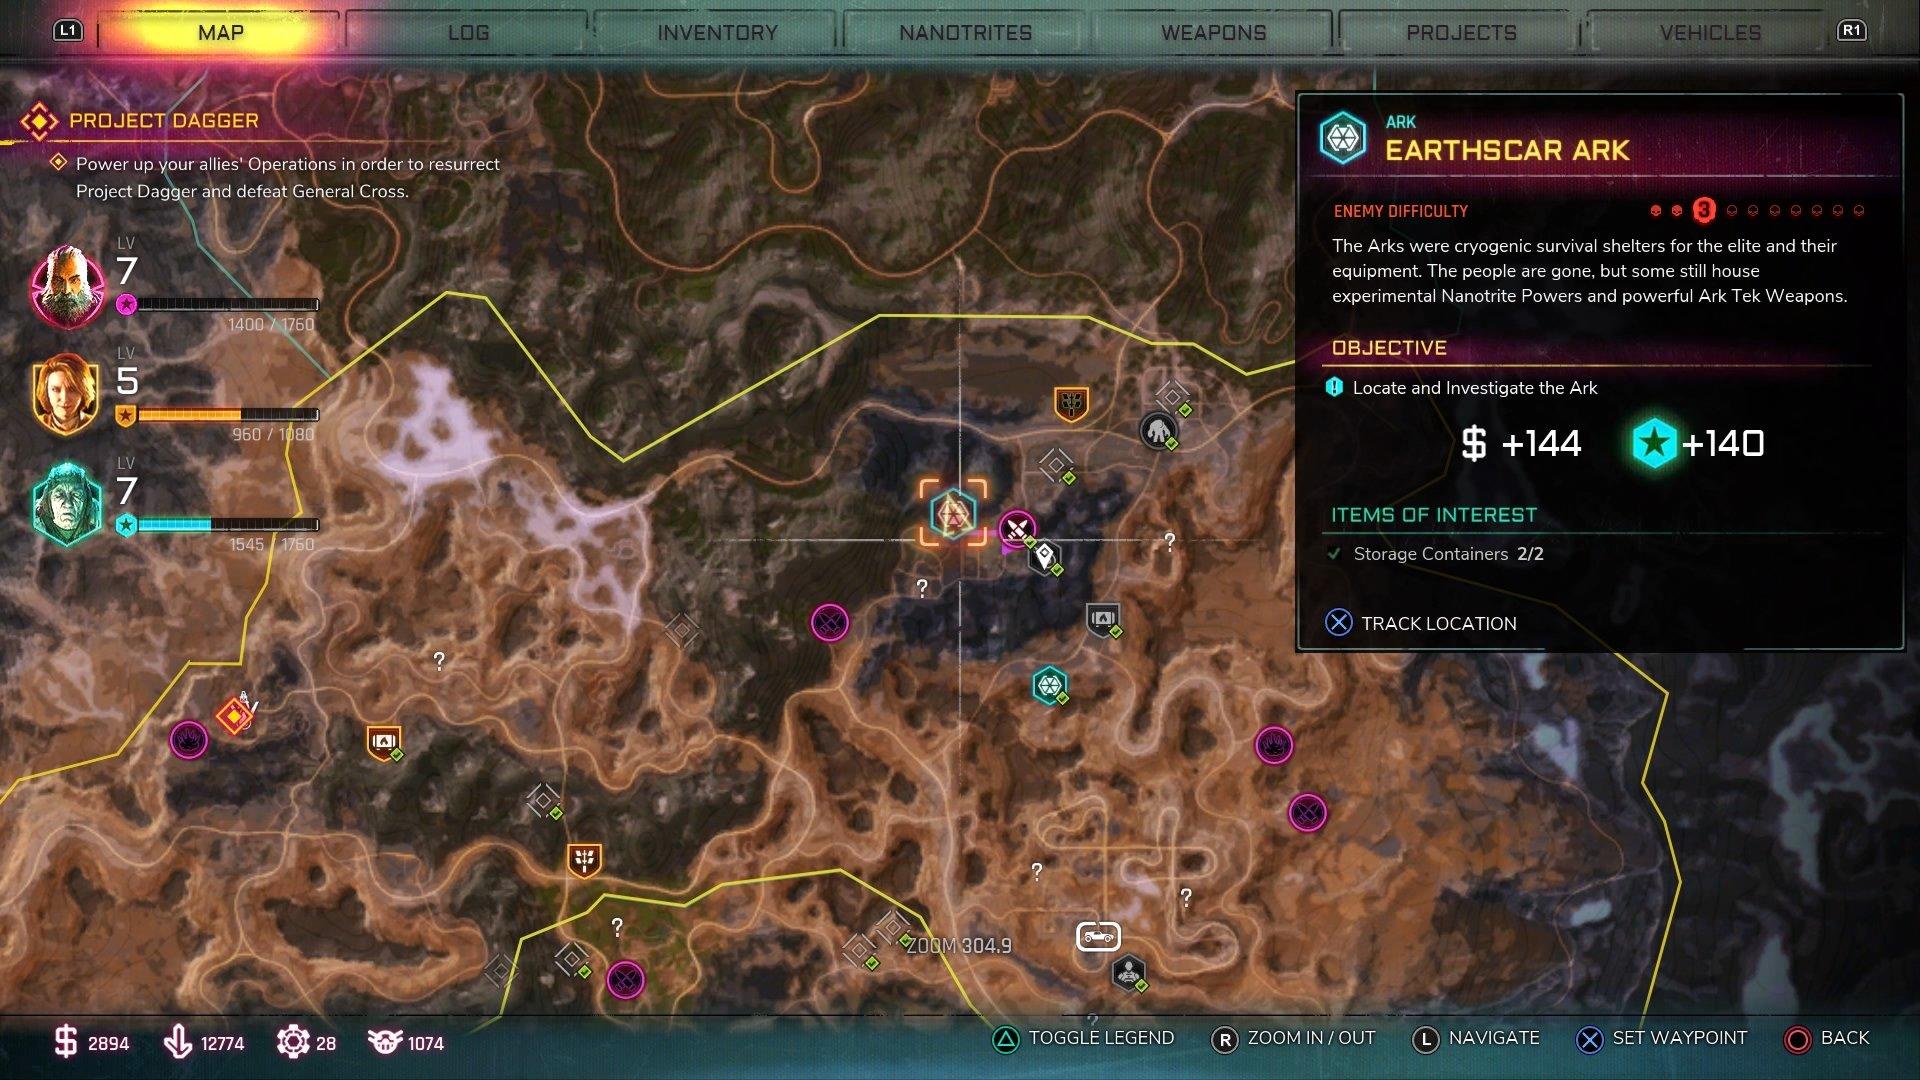 Map showing Earthscar Ark